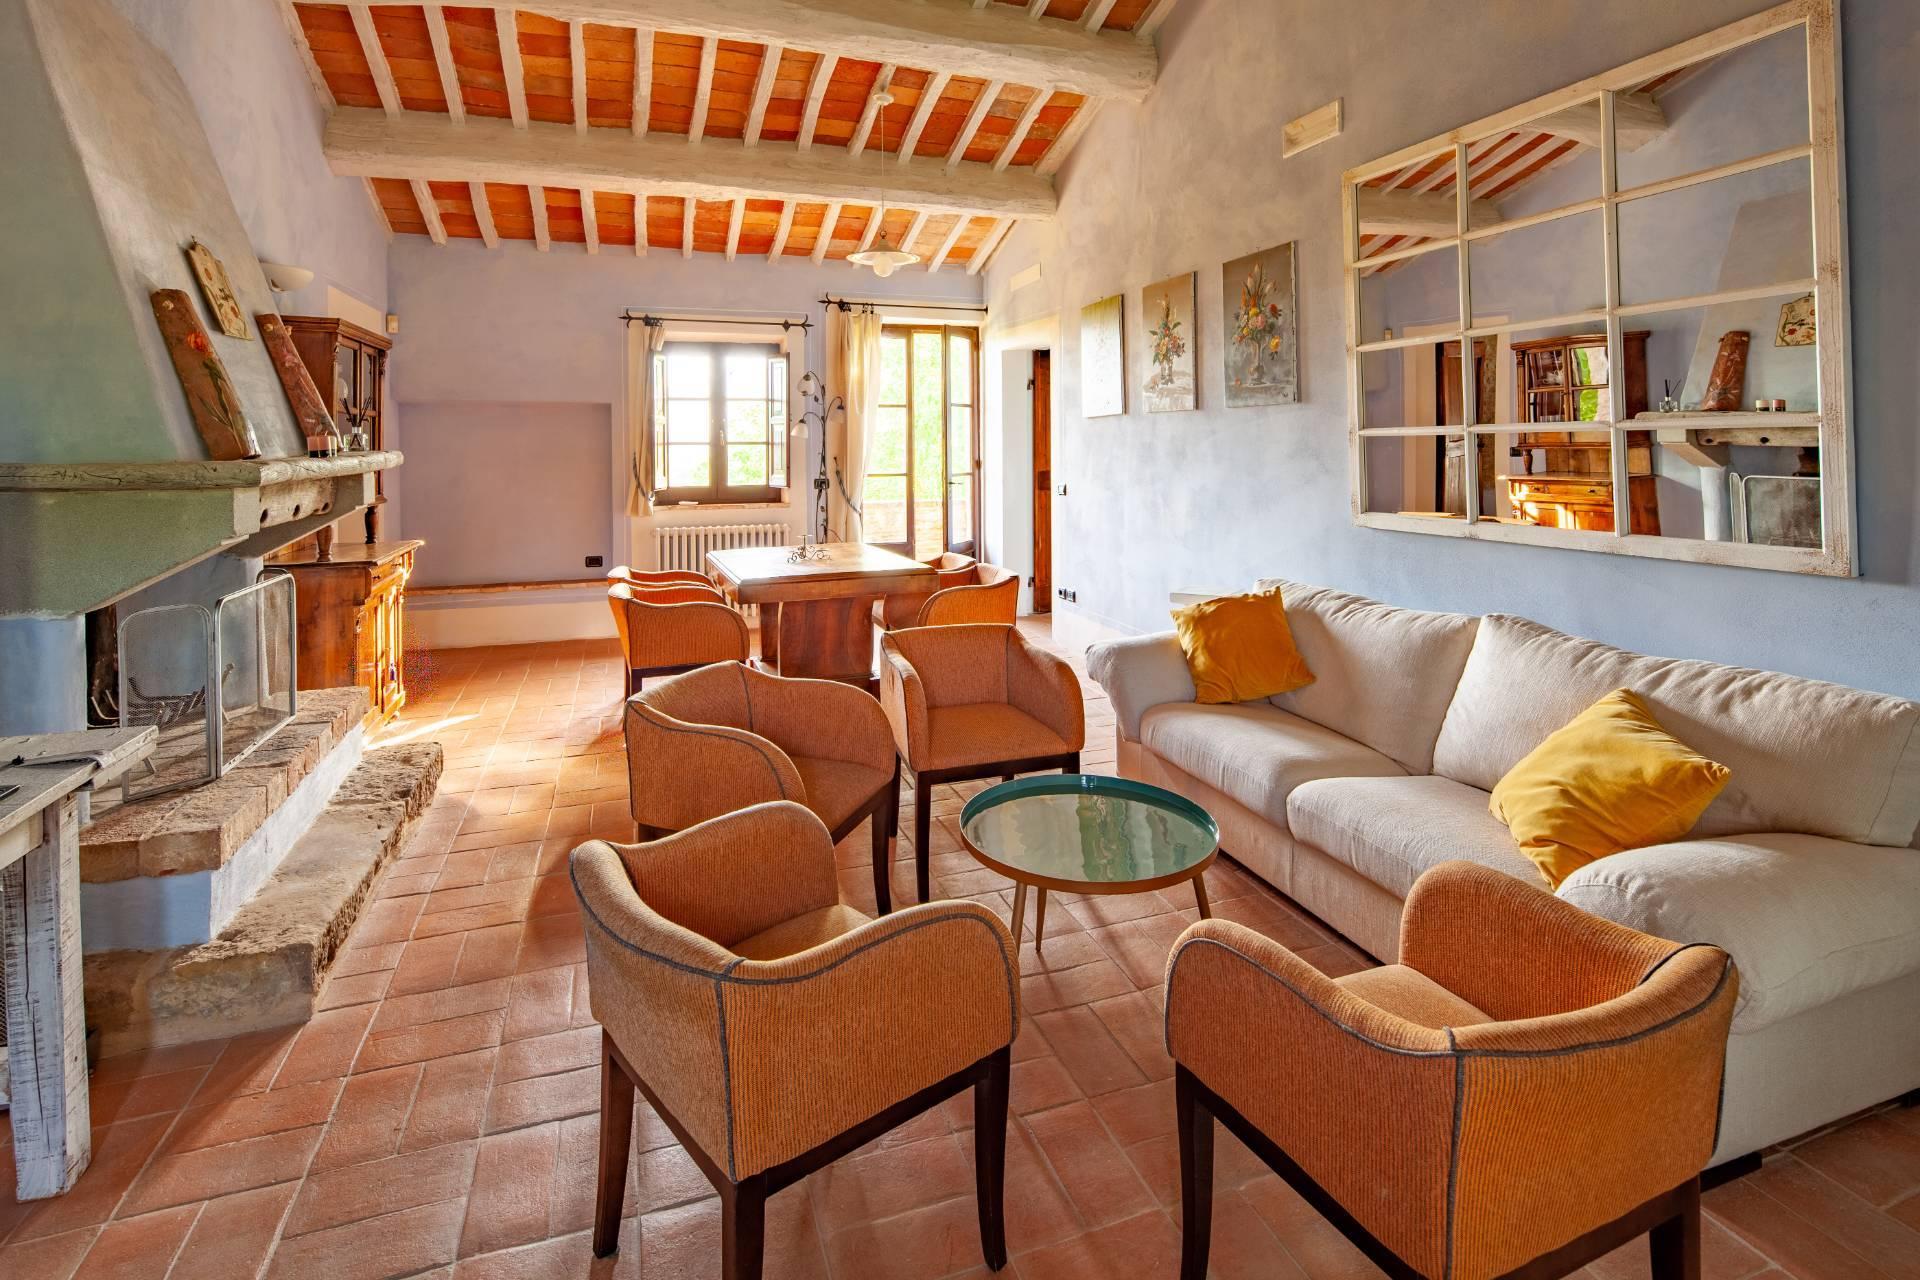 Villa in Vendita a Citta' Della Pieve: 5 locali, 300 mq - Foto 6